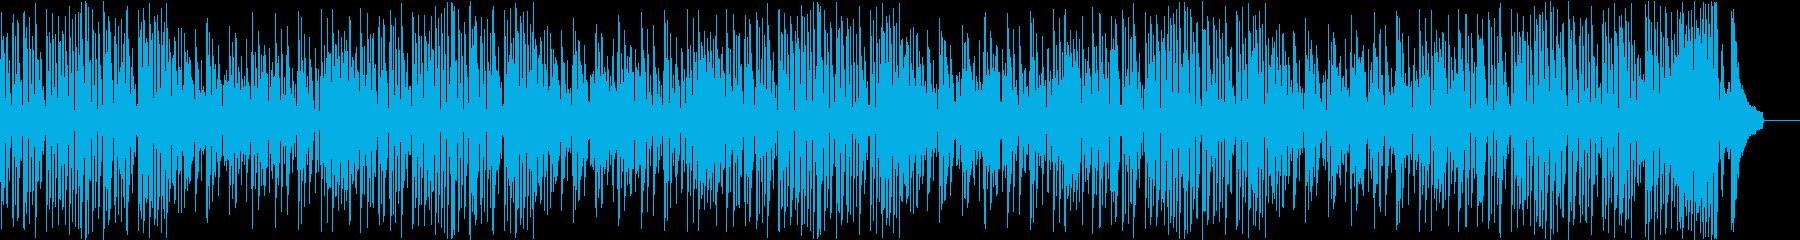 あのクリスマスの名曲をジャズで2の再生済みの波形